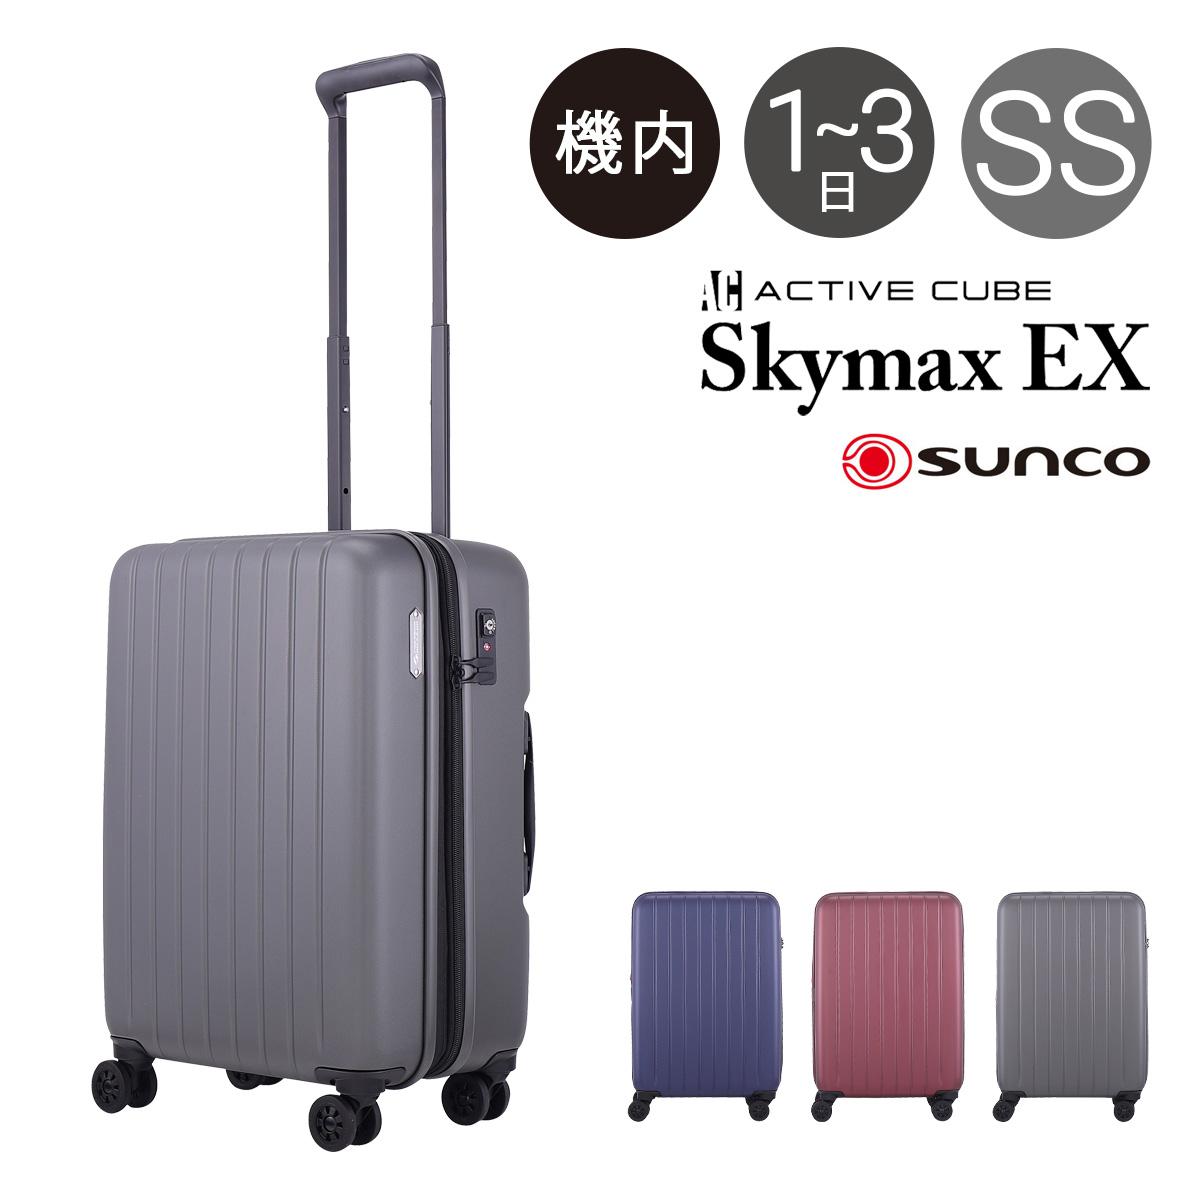 サンコー スーツケース 49L 50cm 2.7kg ハード ファスナー 機内持ち込み スカイマックスEX メンズ レディース ACSE-50 SUNCO | キャリーケース 拡張 軽量 静音 TSAロック搭載 HINOMOTO[bef][PO10][即日発送]